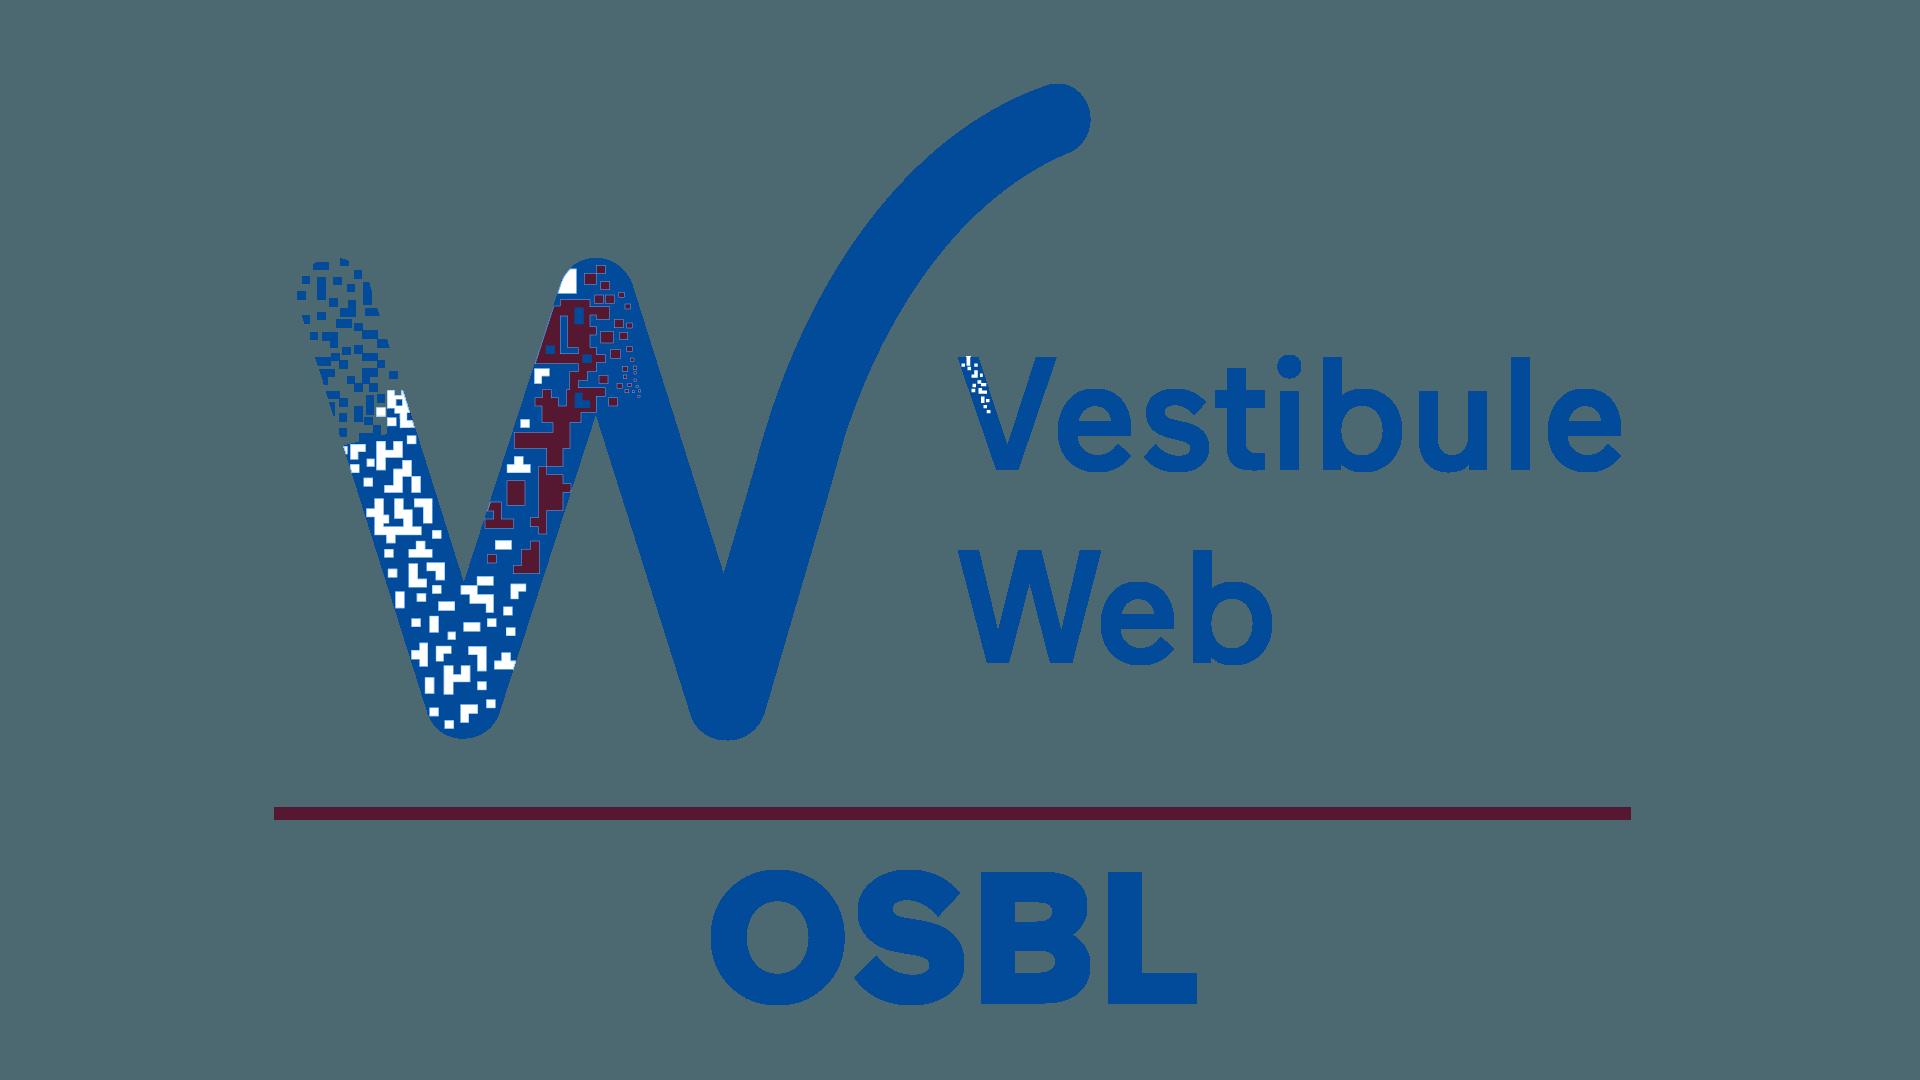 vestibule web osbl